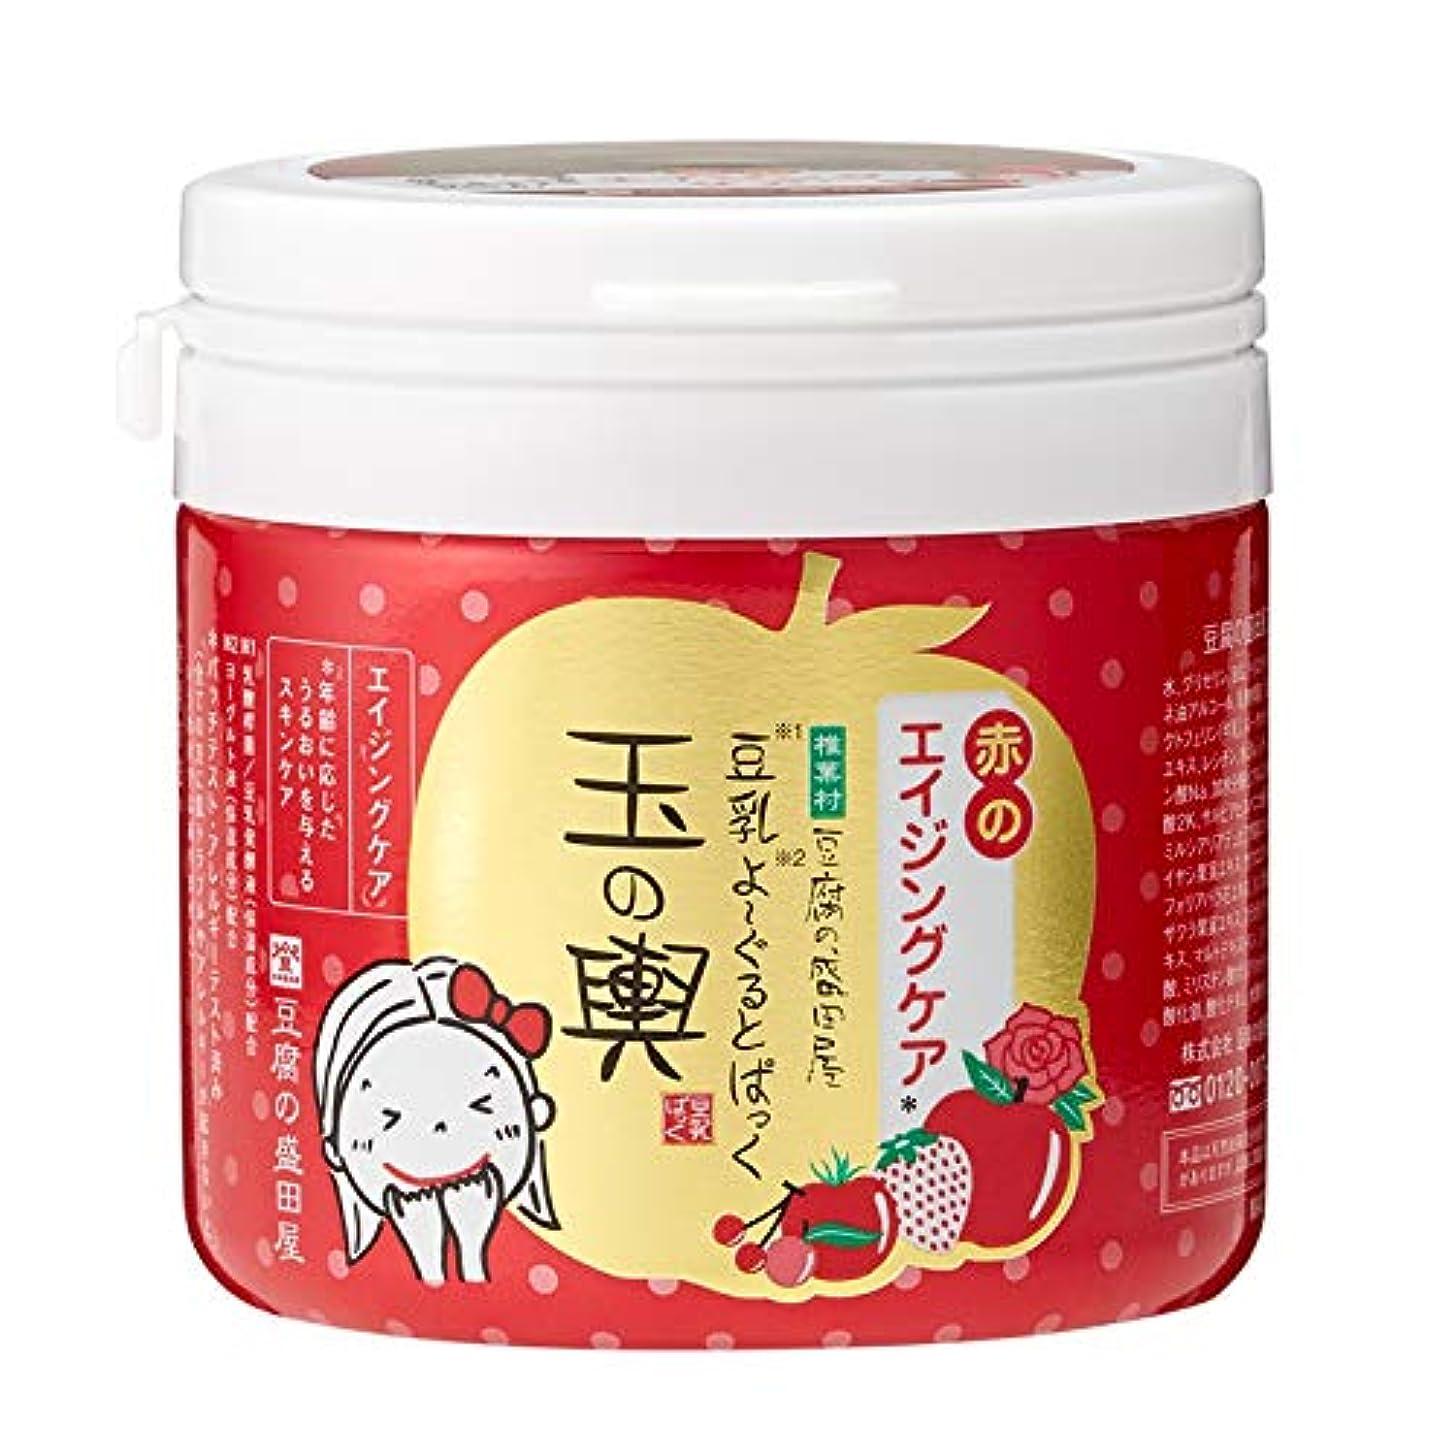 聖人首忠実豆腐の盛田屋 豆乳よーぐるとぱっく 玉の輿 赤のエイジングケア 150g